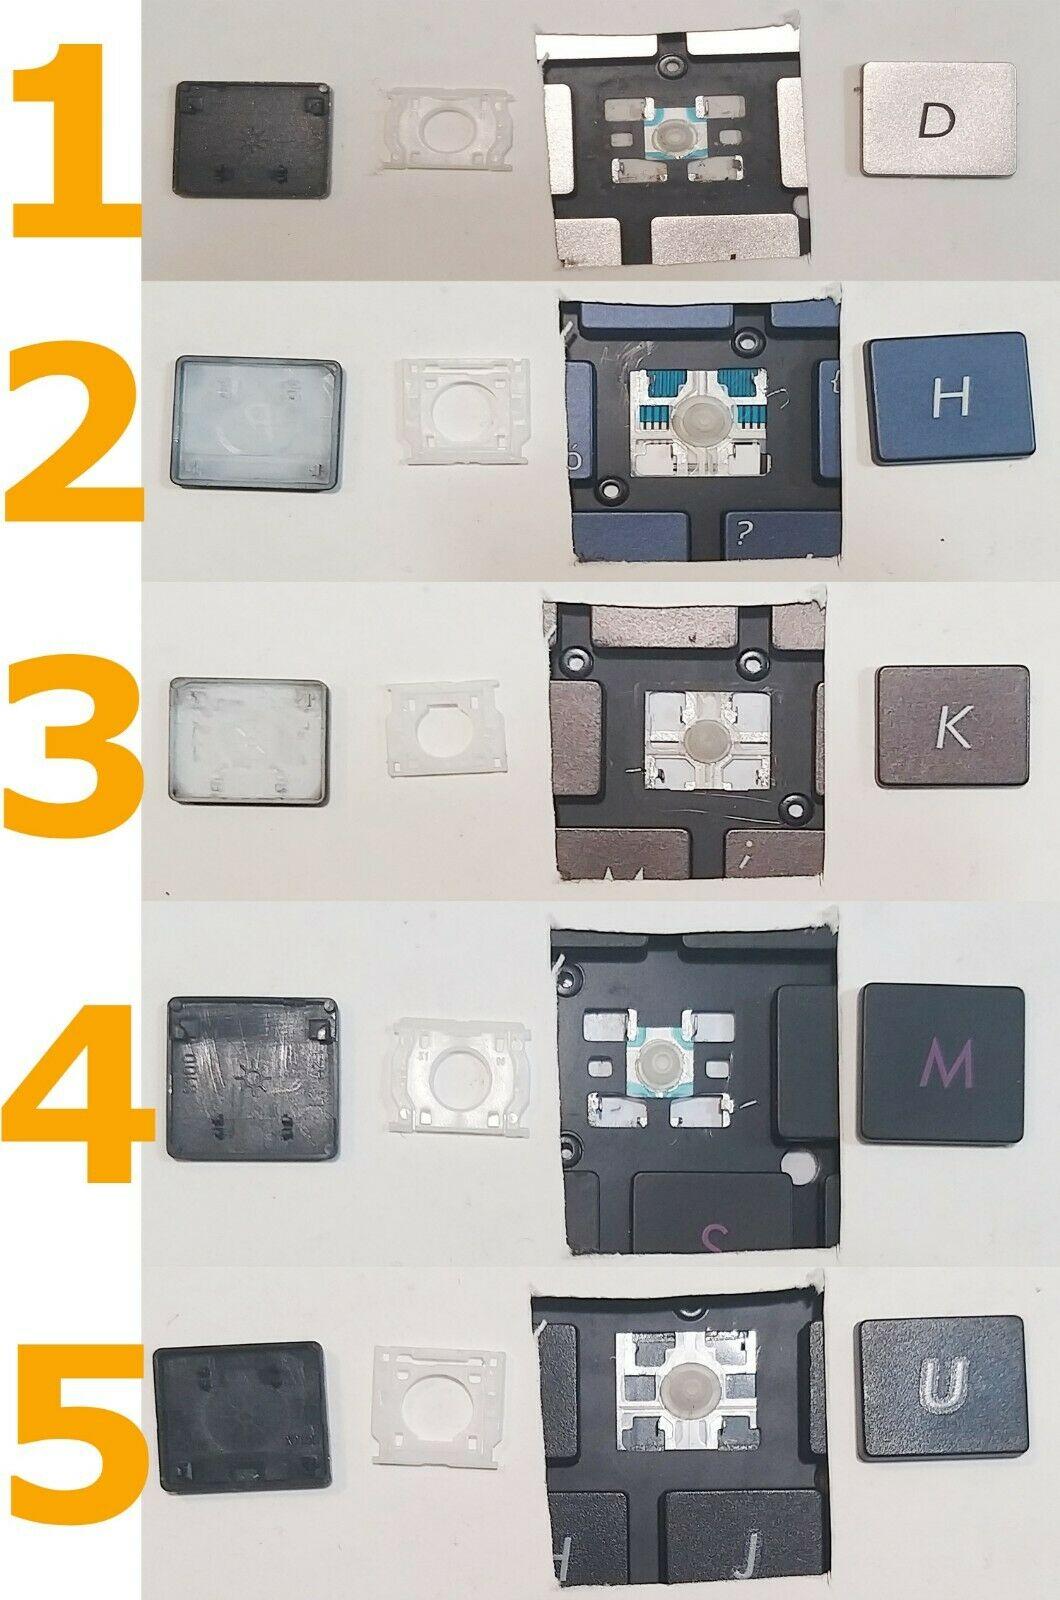 TECLA TECLAS TECLADO ASUS ZENBOOK UX21 UX21A UX21E UX21E-KX UX21-DH UX31A UX31E